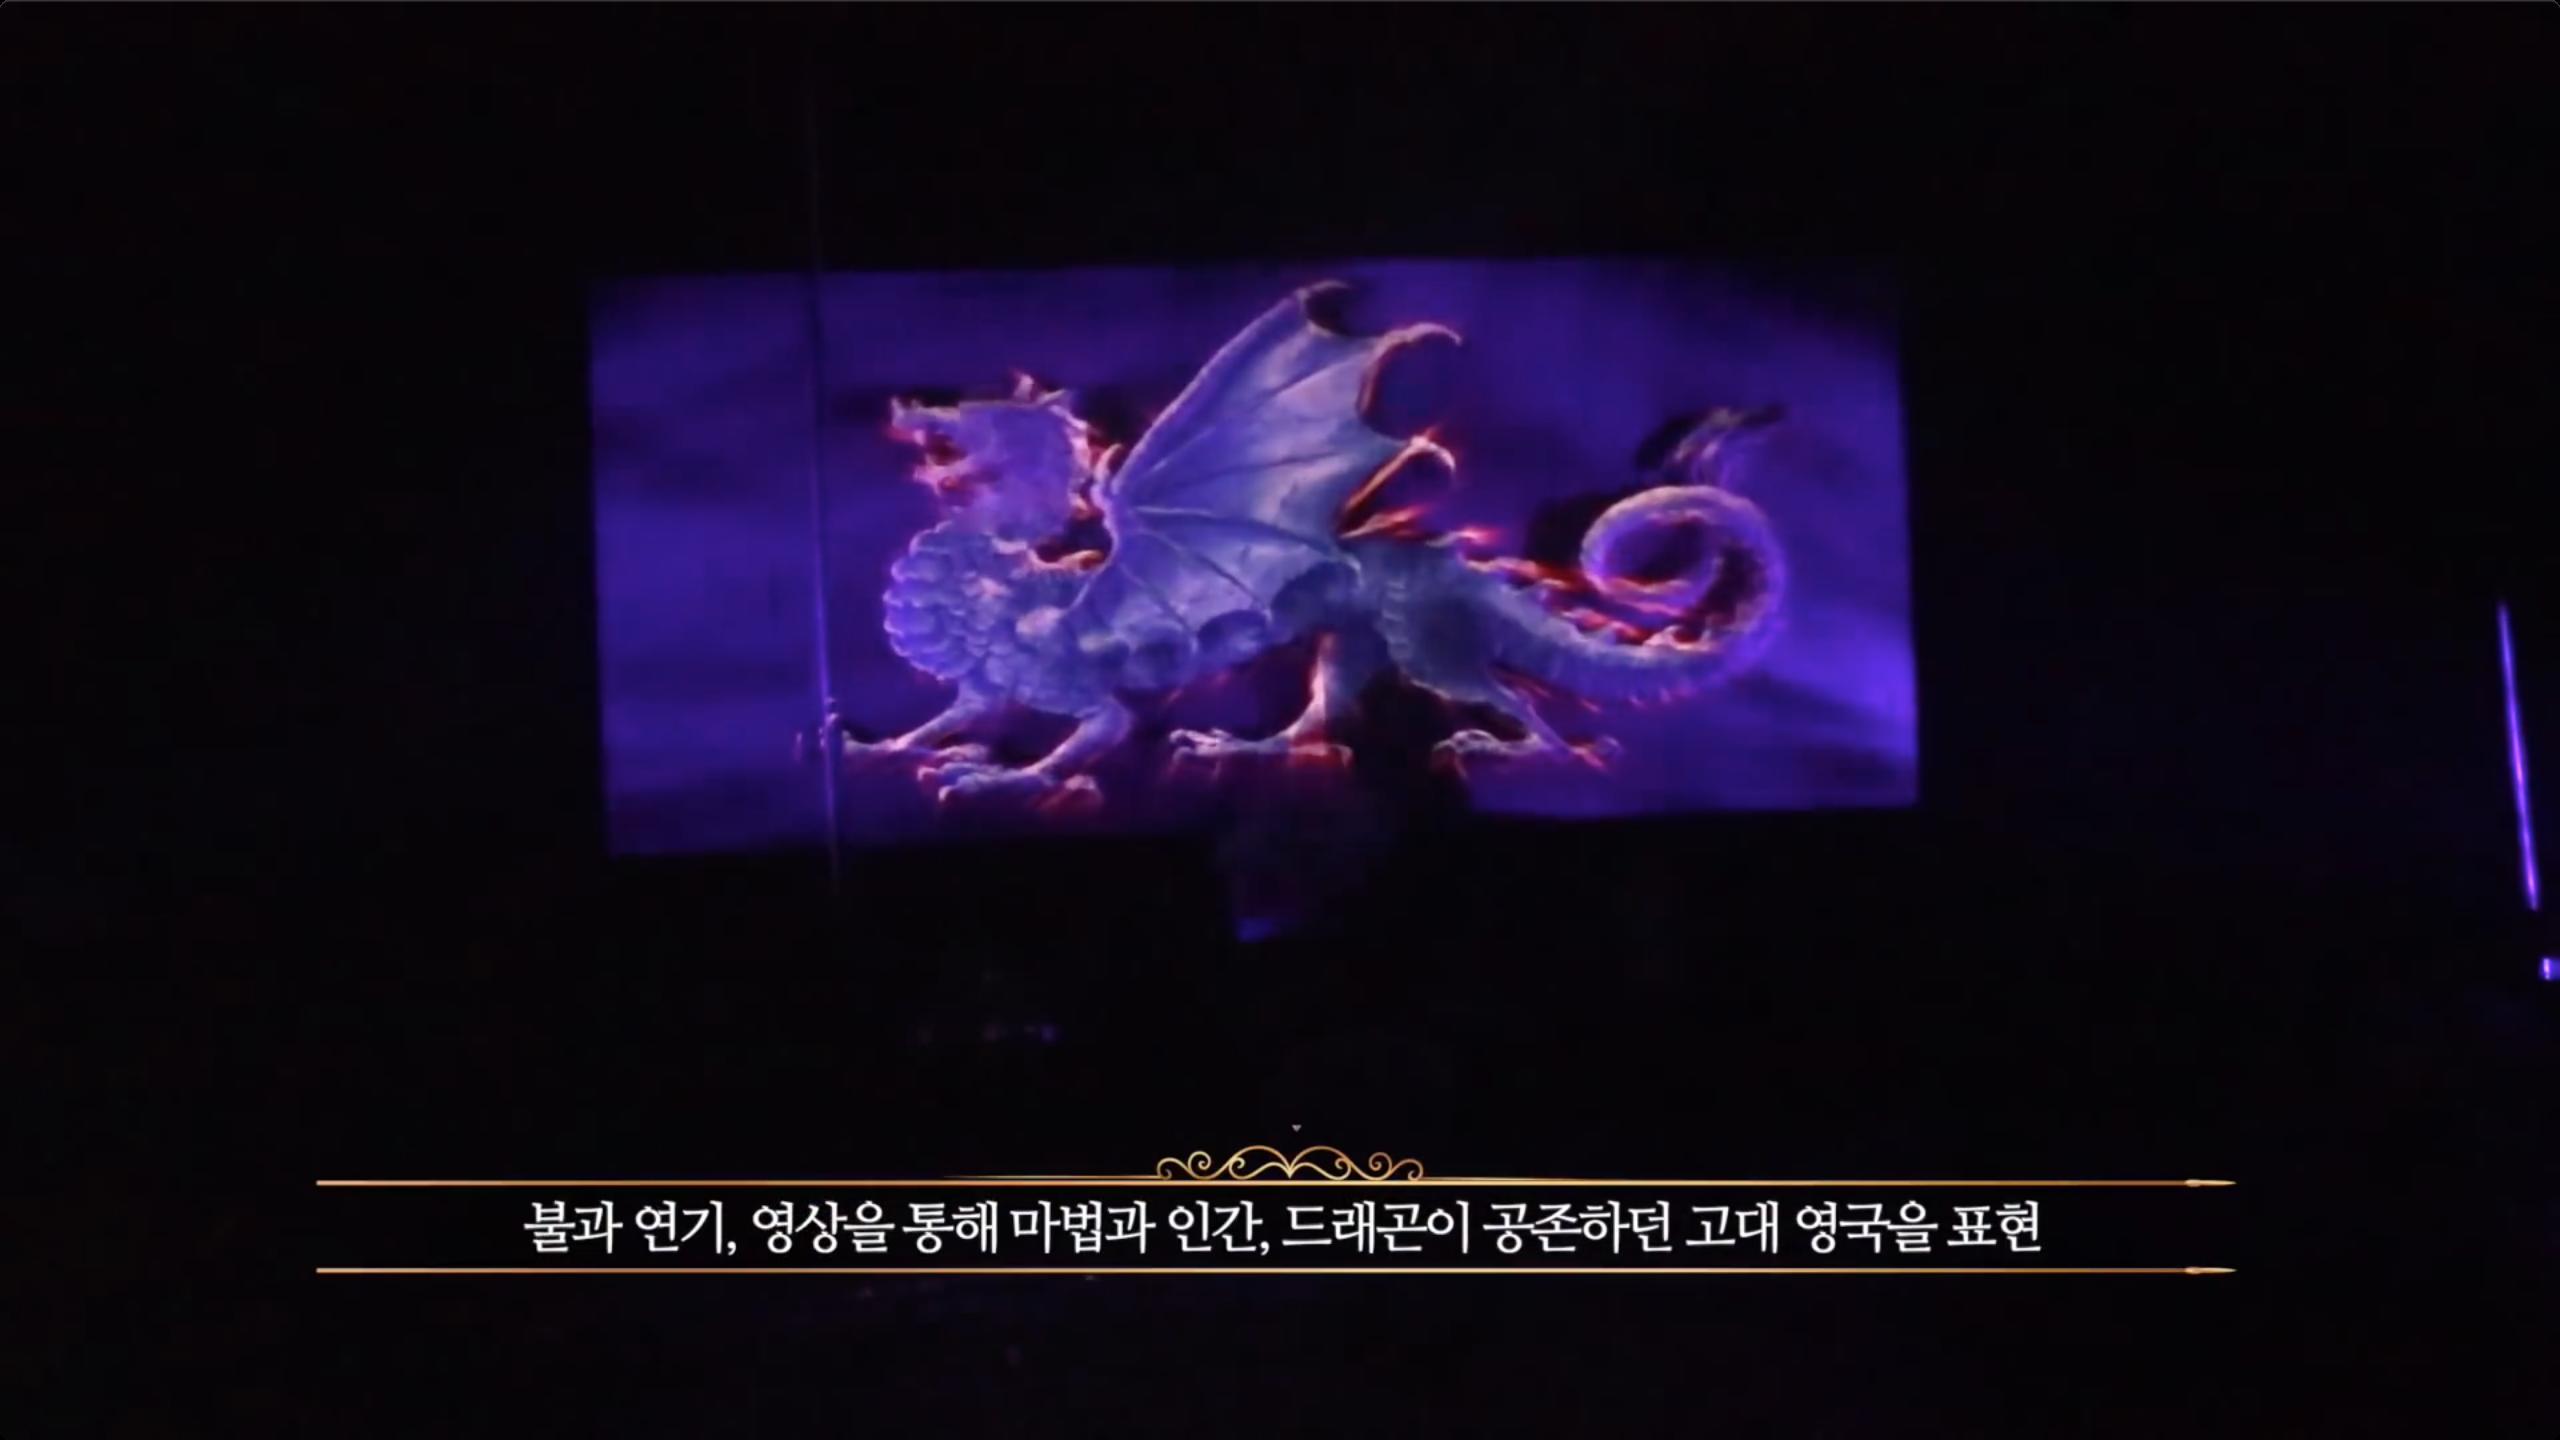 뮤지컬 엑스칼리버 XCALIBUR 제작 비하인드!.mp4 - 02.22.742.png